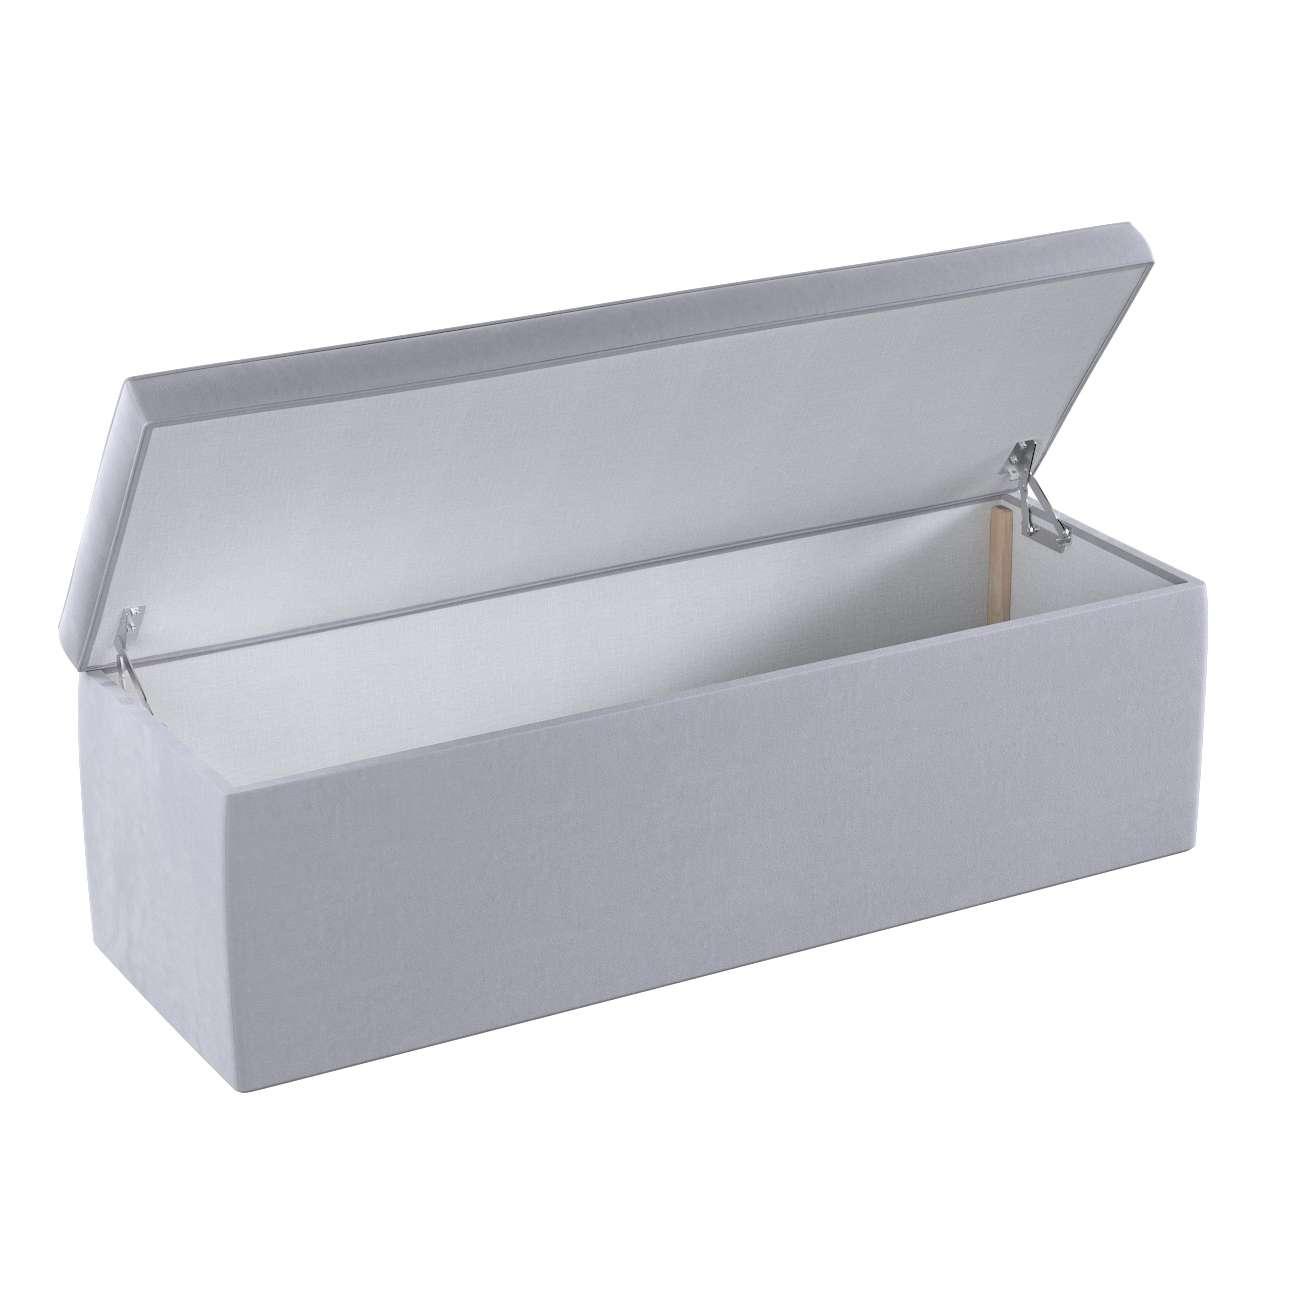 Čalouněná skříň s volbou látky - 2 velikosti v kolekci Velvet, látka: 704-24